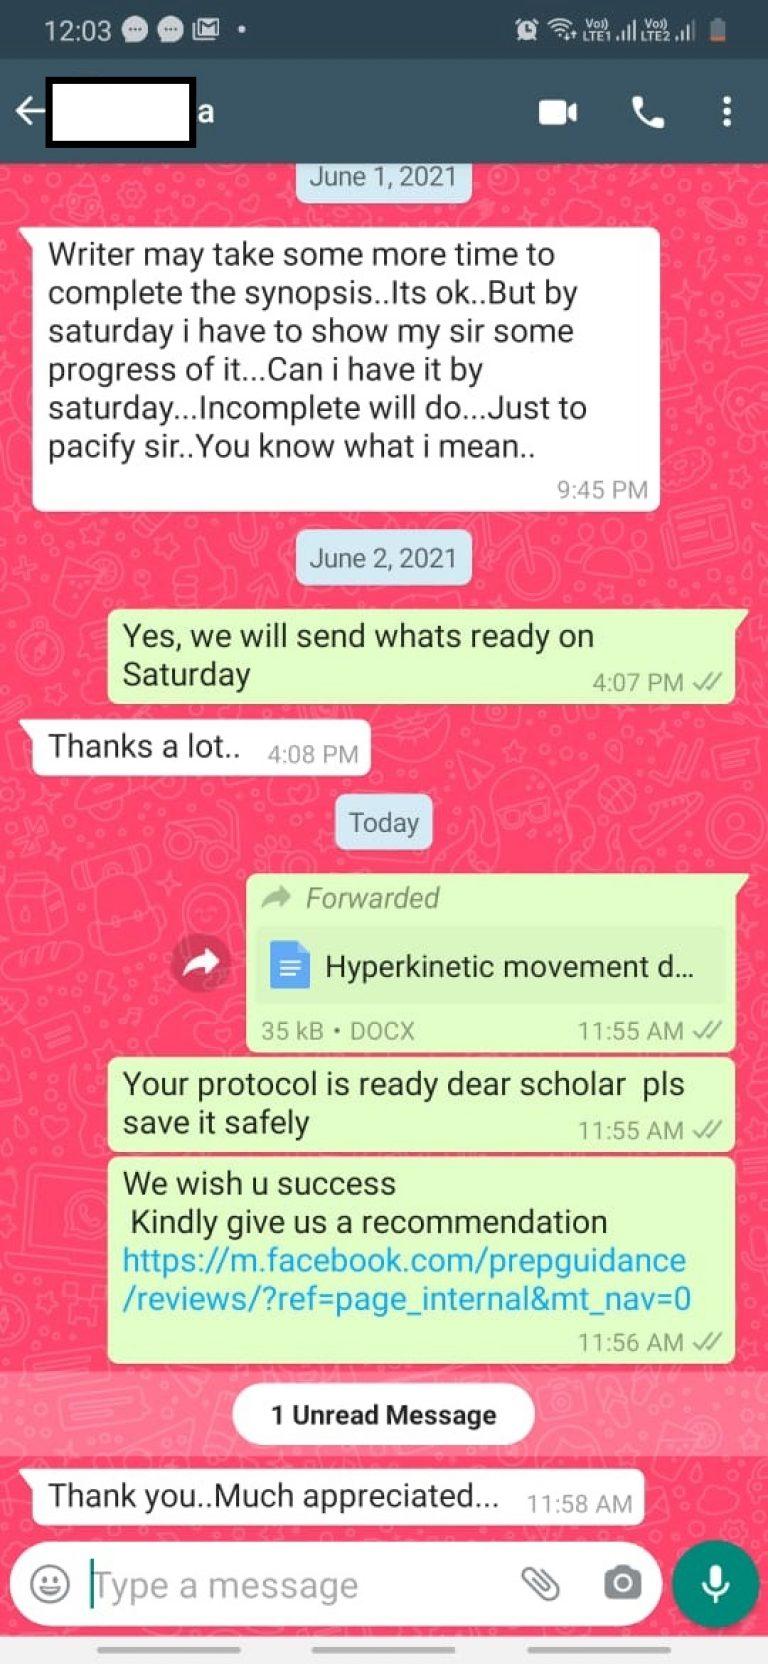 whatsapp img 4